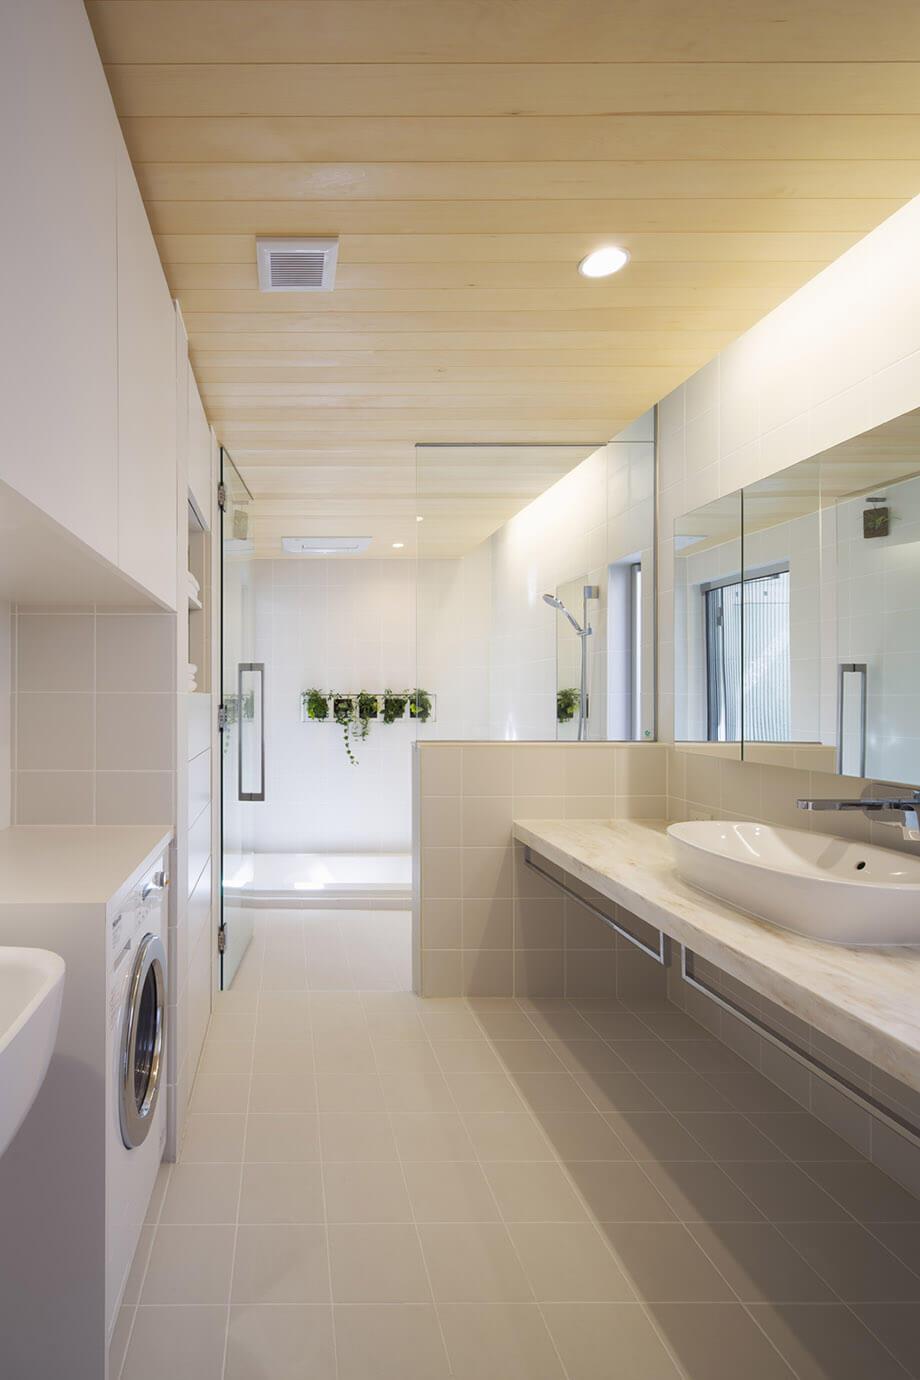 ห้องน้ำขนาดใหญ่